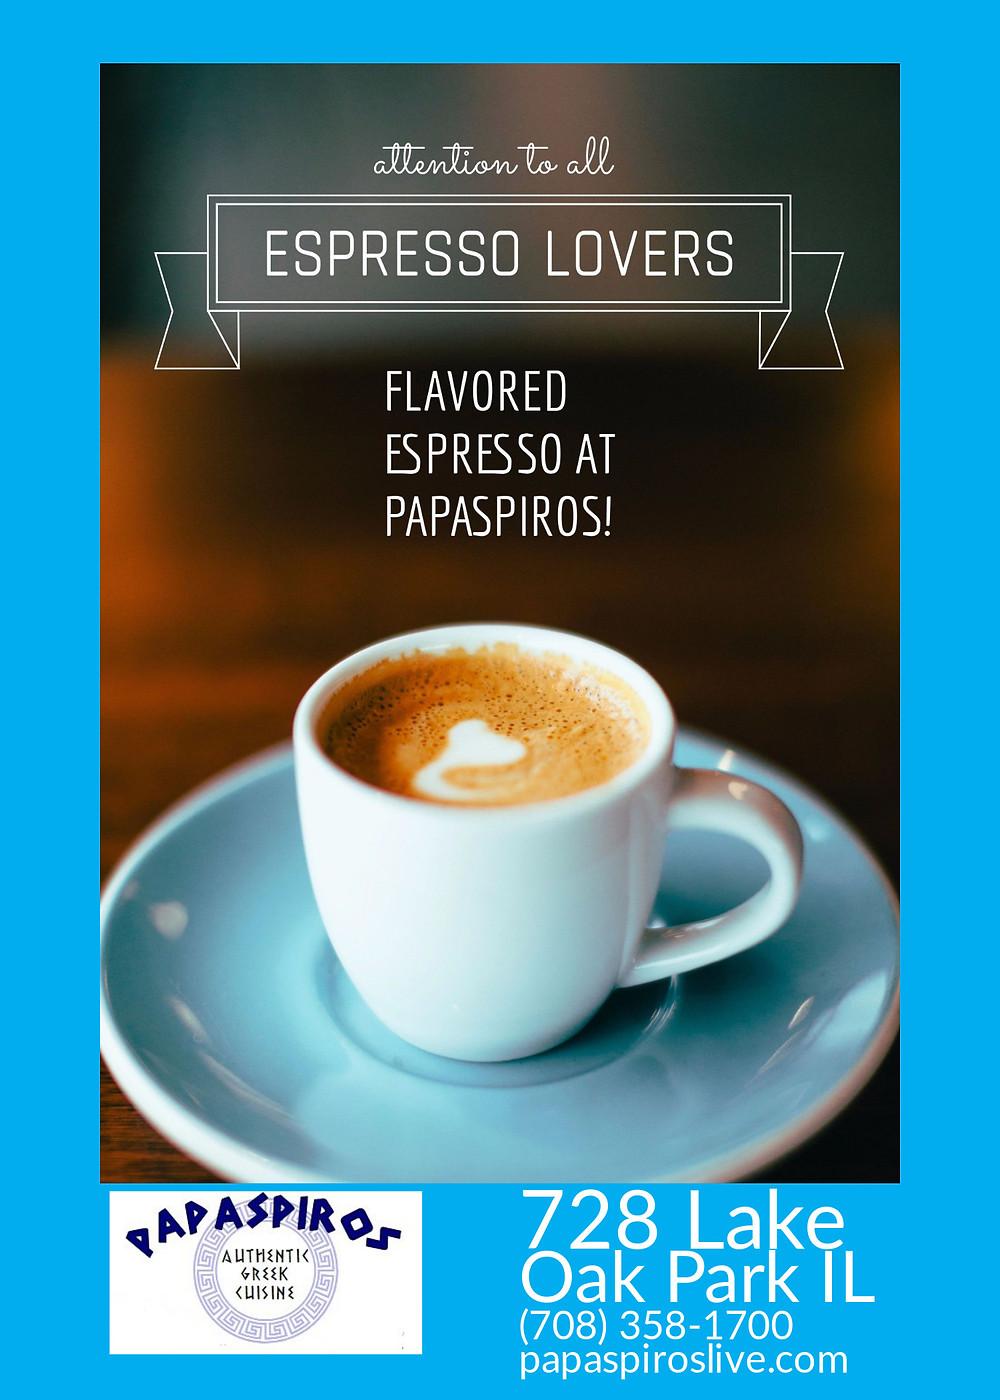 Flavored Espresso